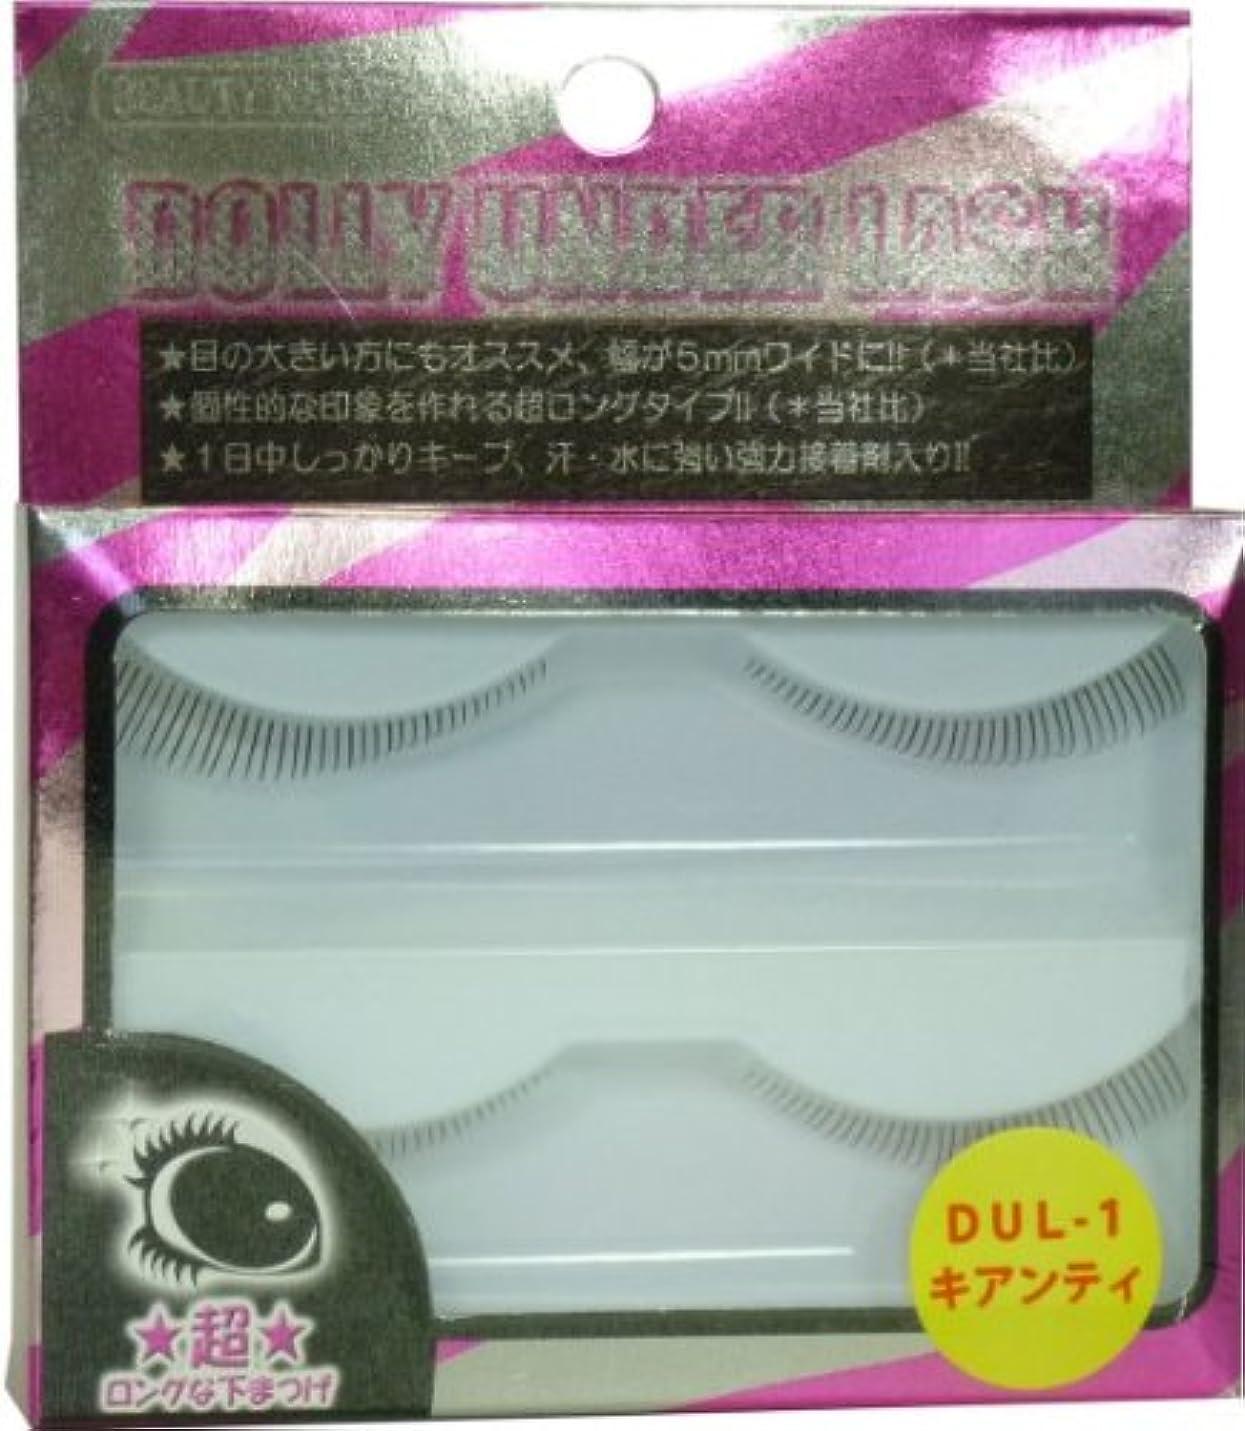 おもしろいラメ対ムラキ 下まつげ用つけまつげ ドーリーアンダーラッシュ キアンティ DUL-1